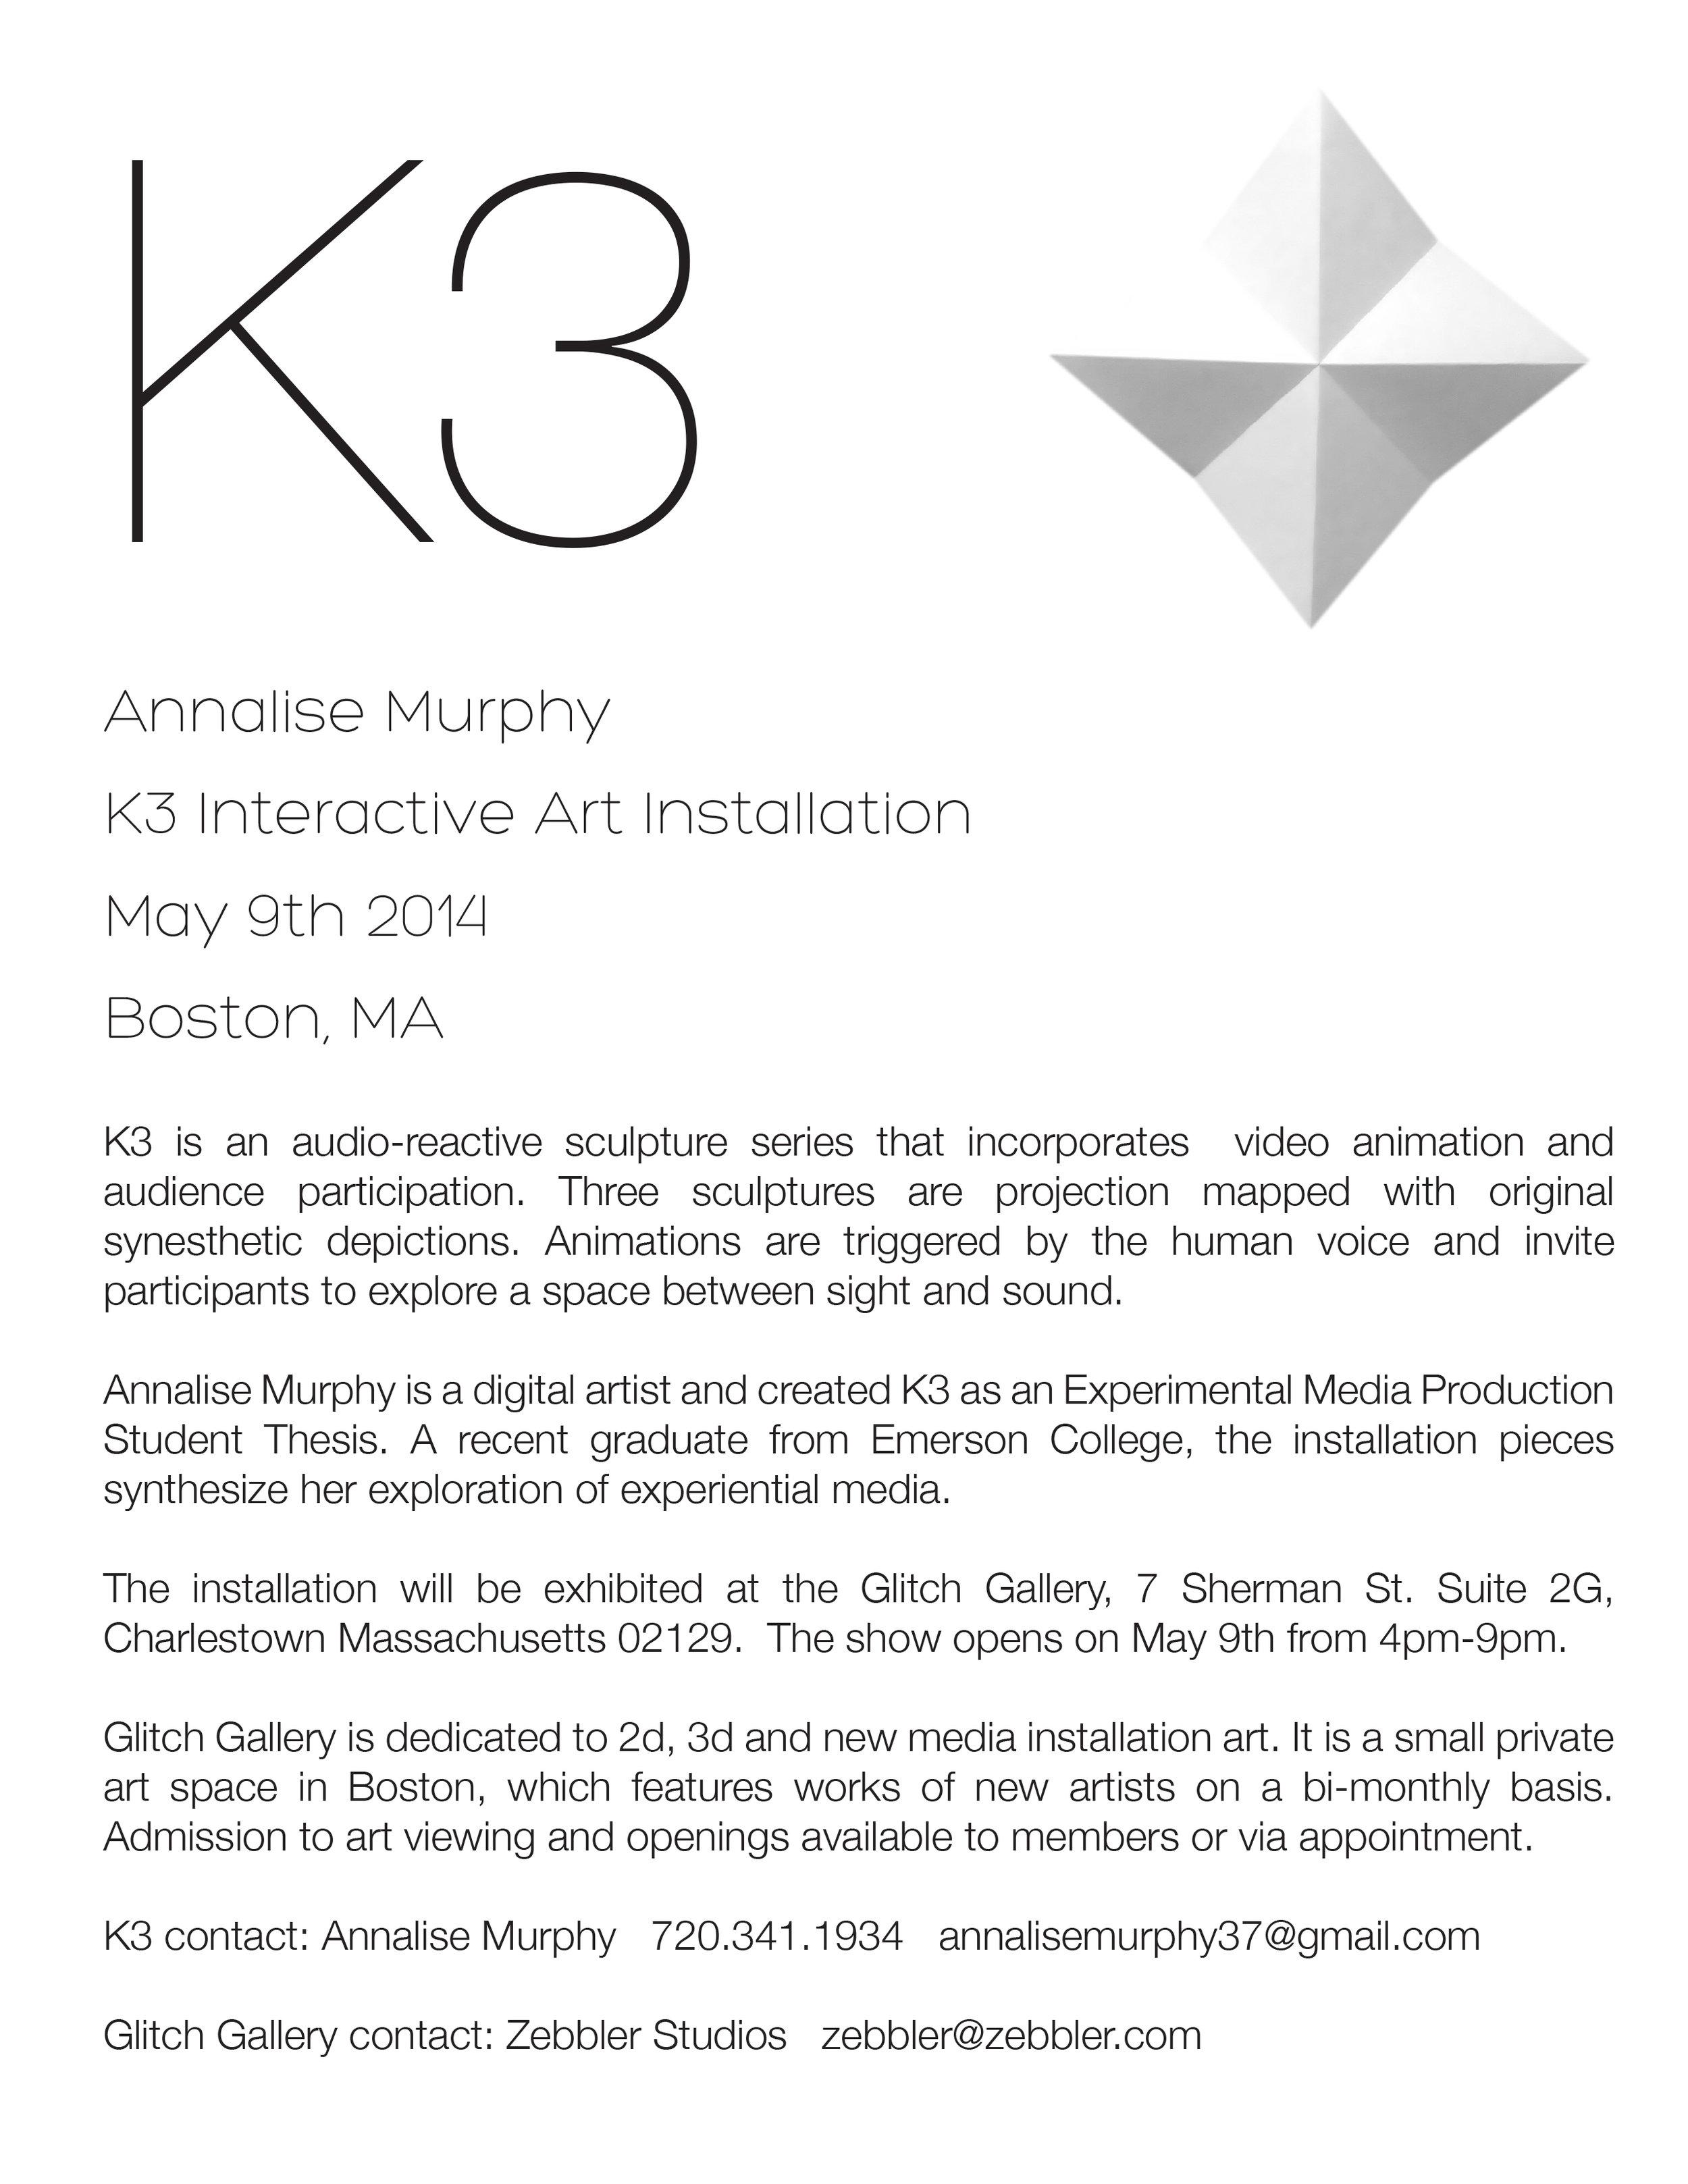 Annalise Murphy K3 installation